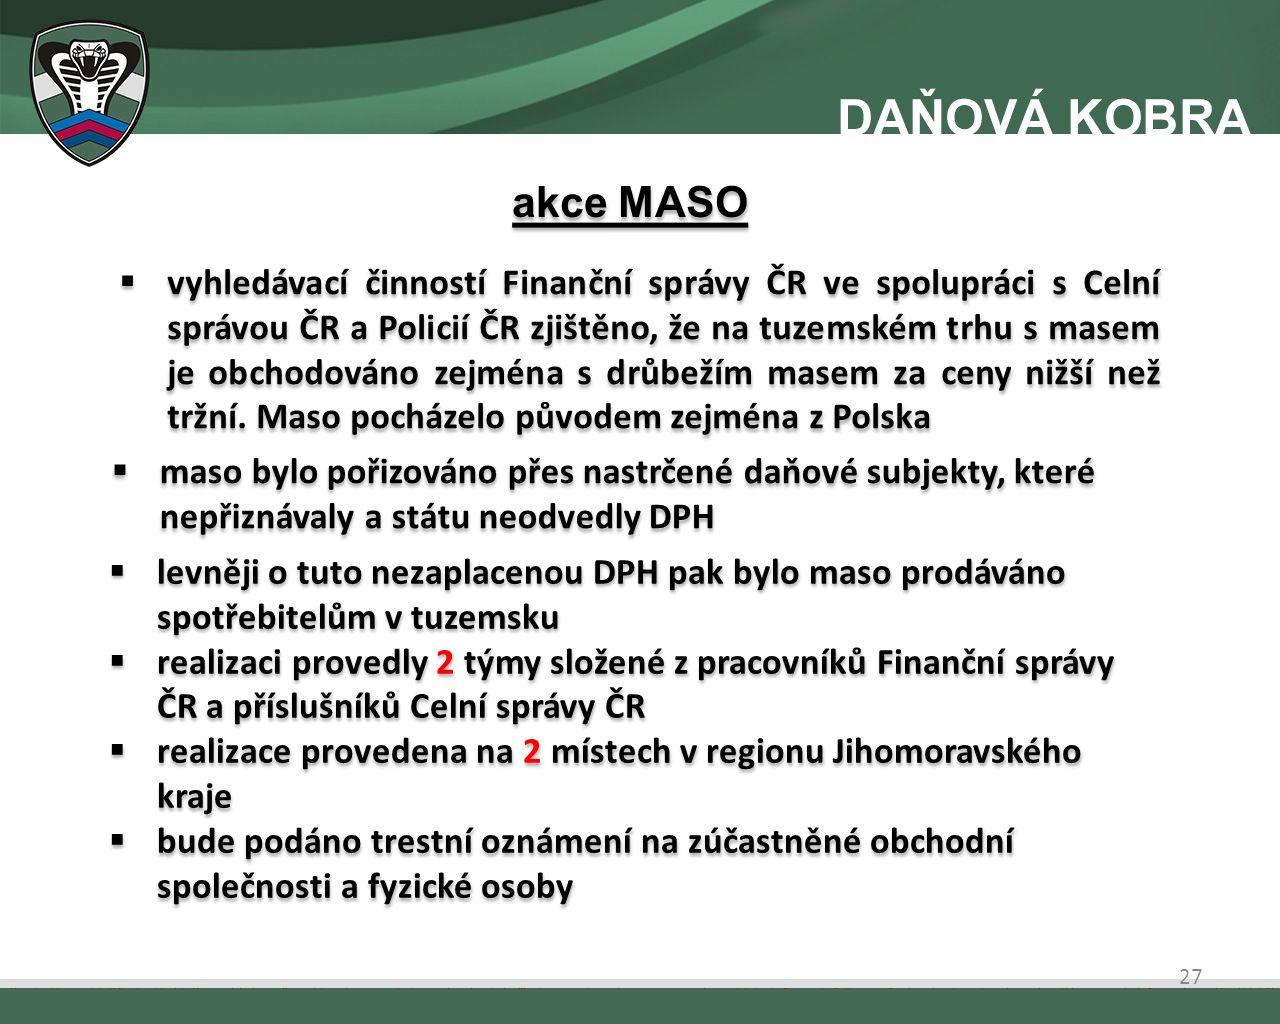  vyhledávací činností Finanční správy ČR ve spolupráci s Celní správou ČR a Policií ČR zjištěno, že na tuzemském trhu s masem je obchodováno zejména s drůbežím masem za ceny nižší než tržní.